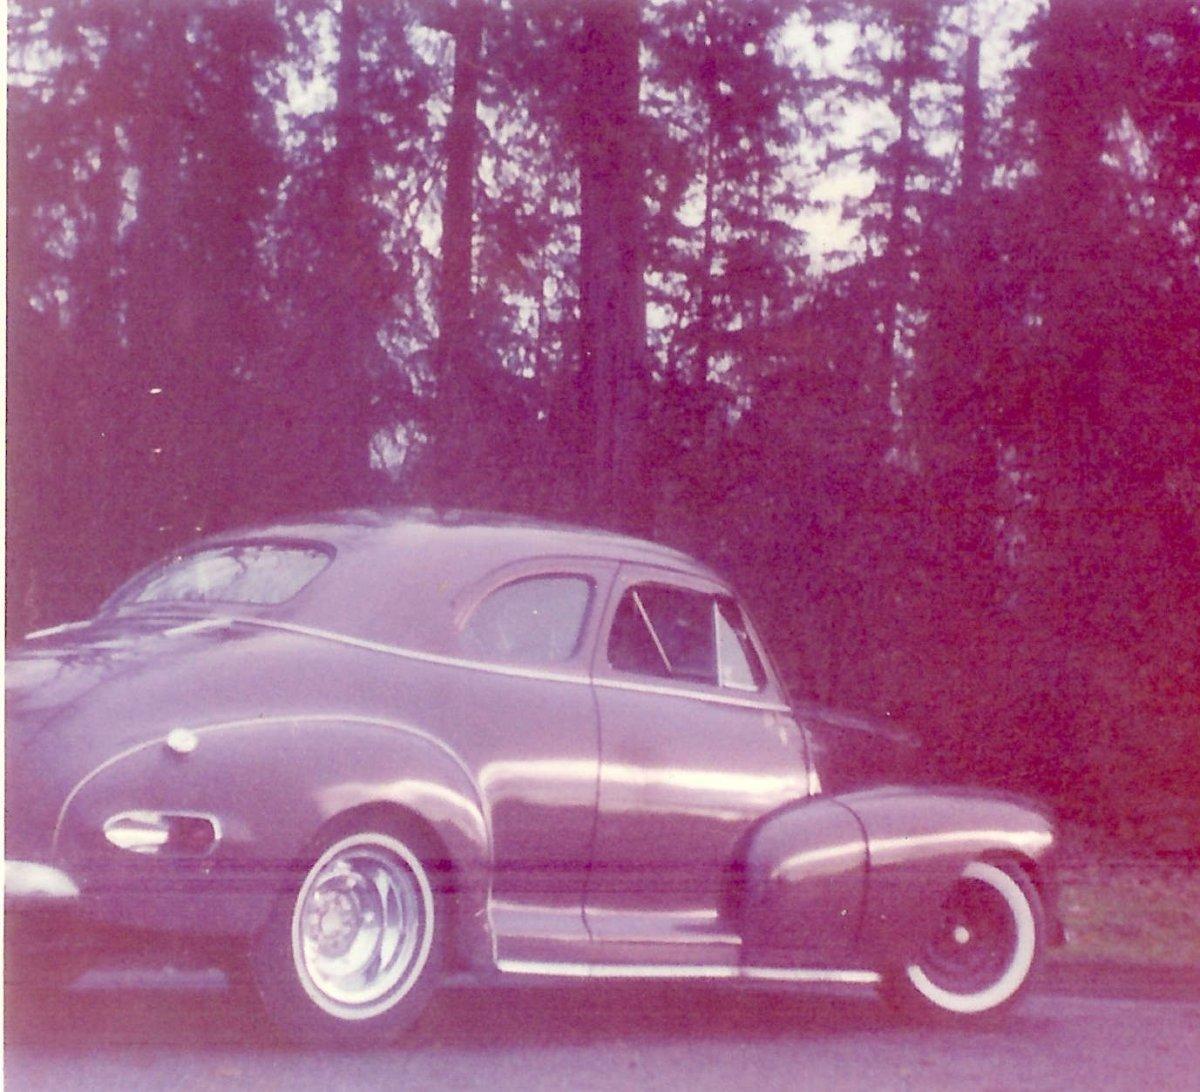 47_Chev_rear_1962_b.JPG